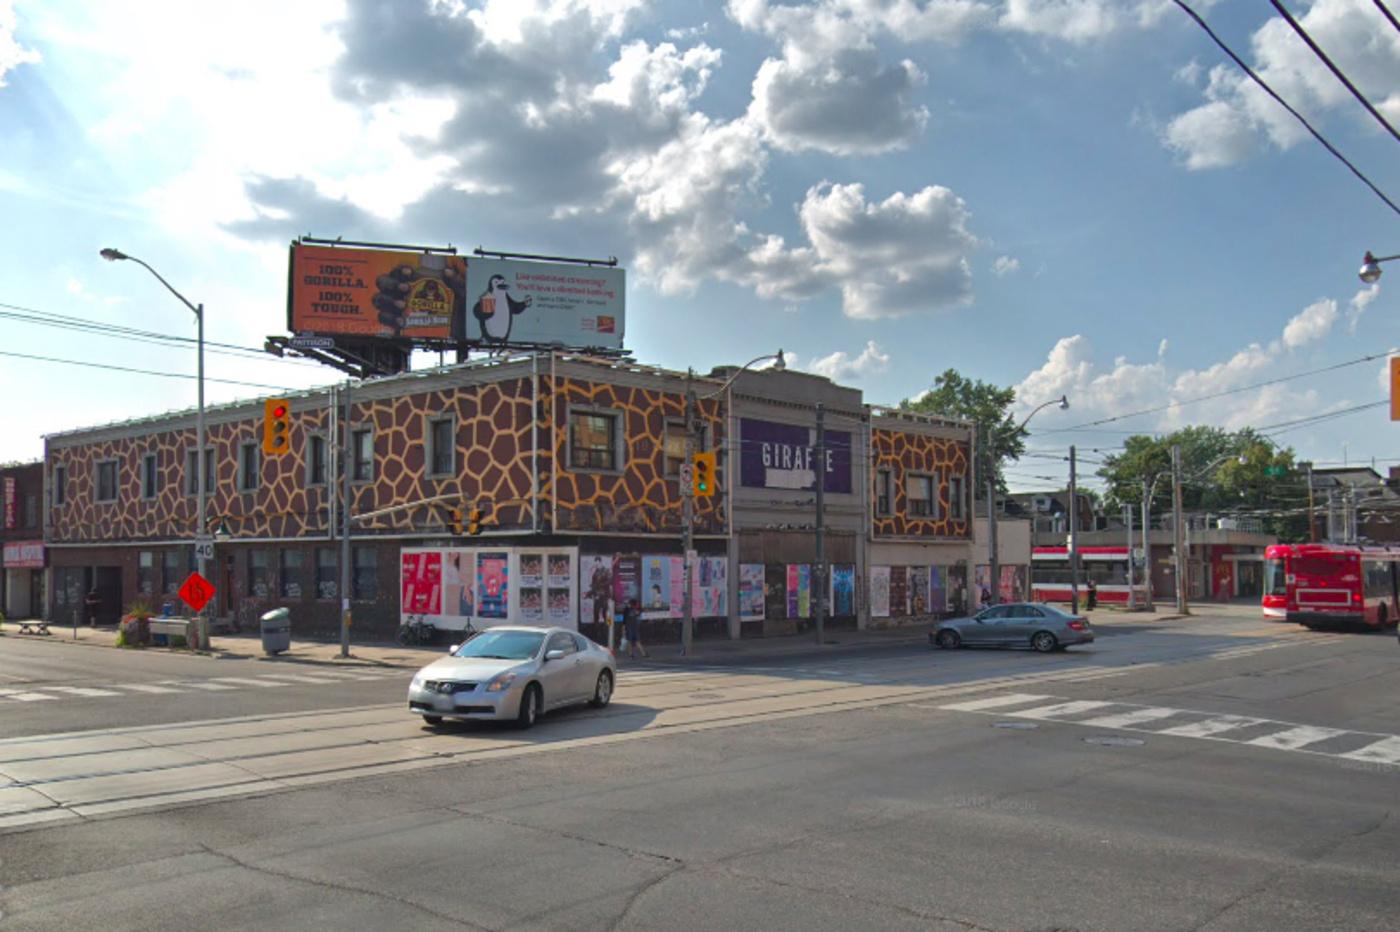 giraffe condo building